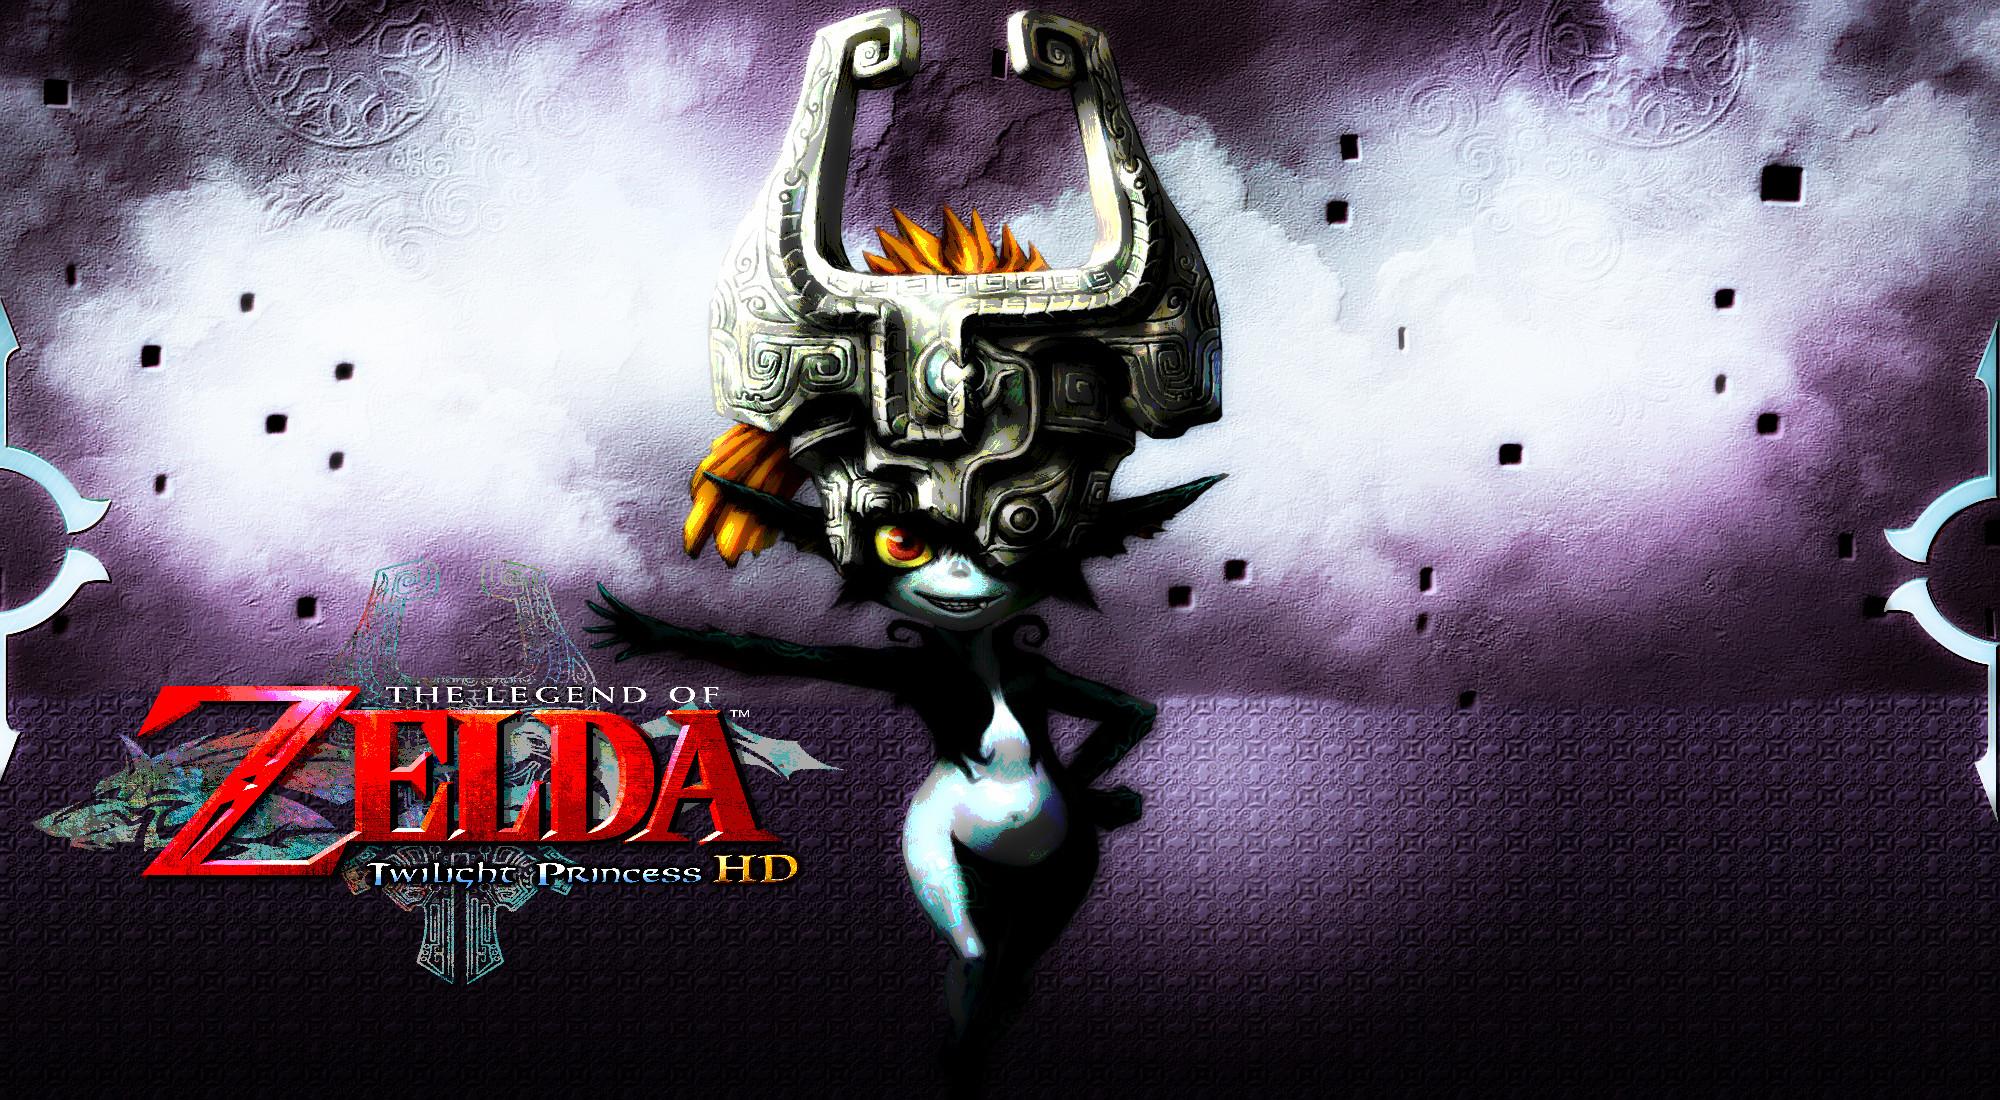 … Zelda: Twilight Princess HD – Midna Wallpaper by DaKidGaming